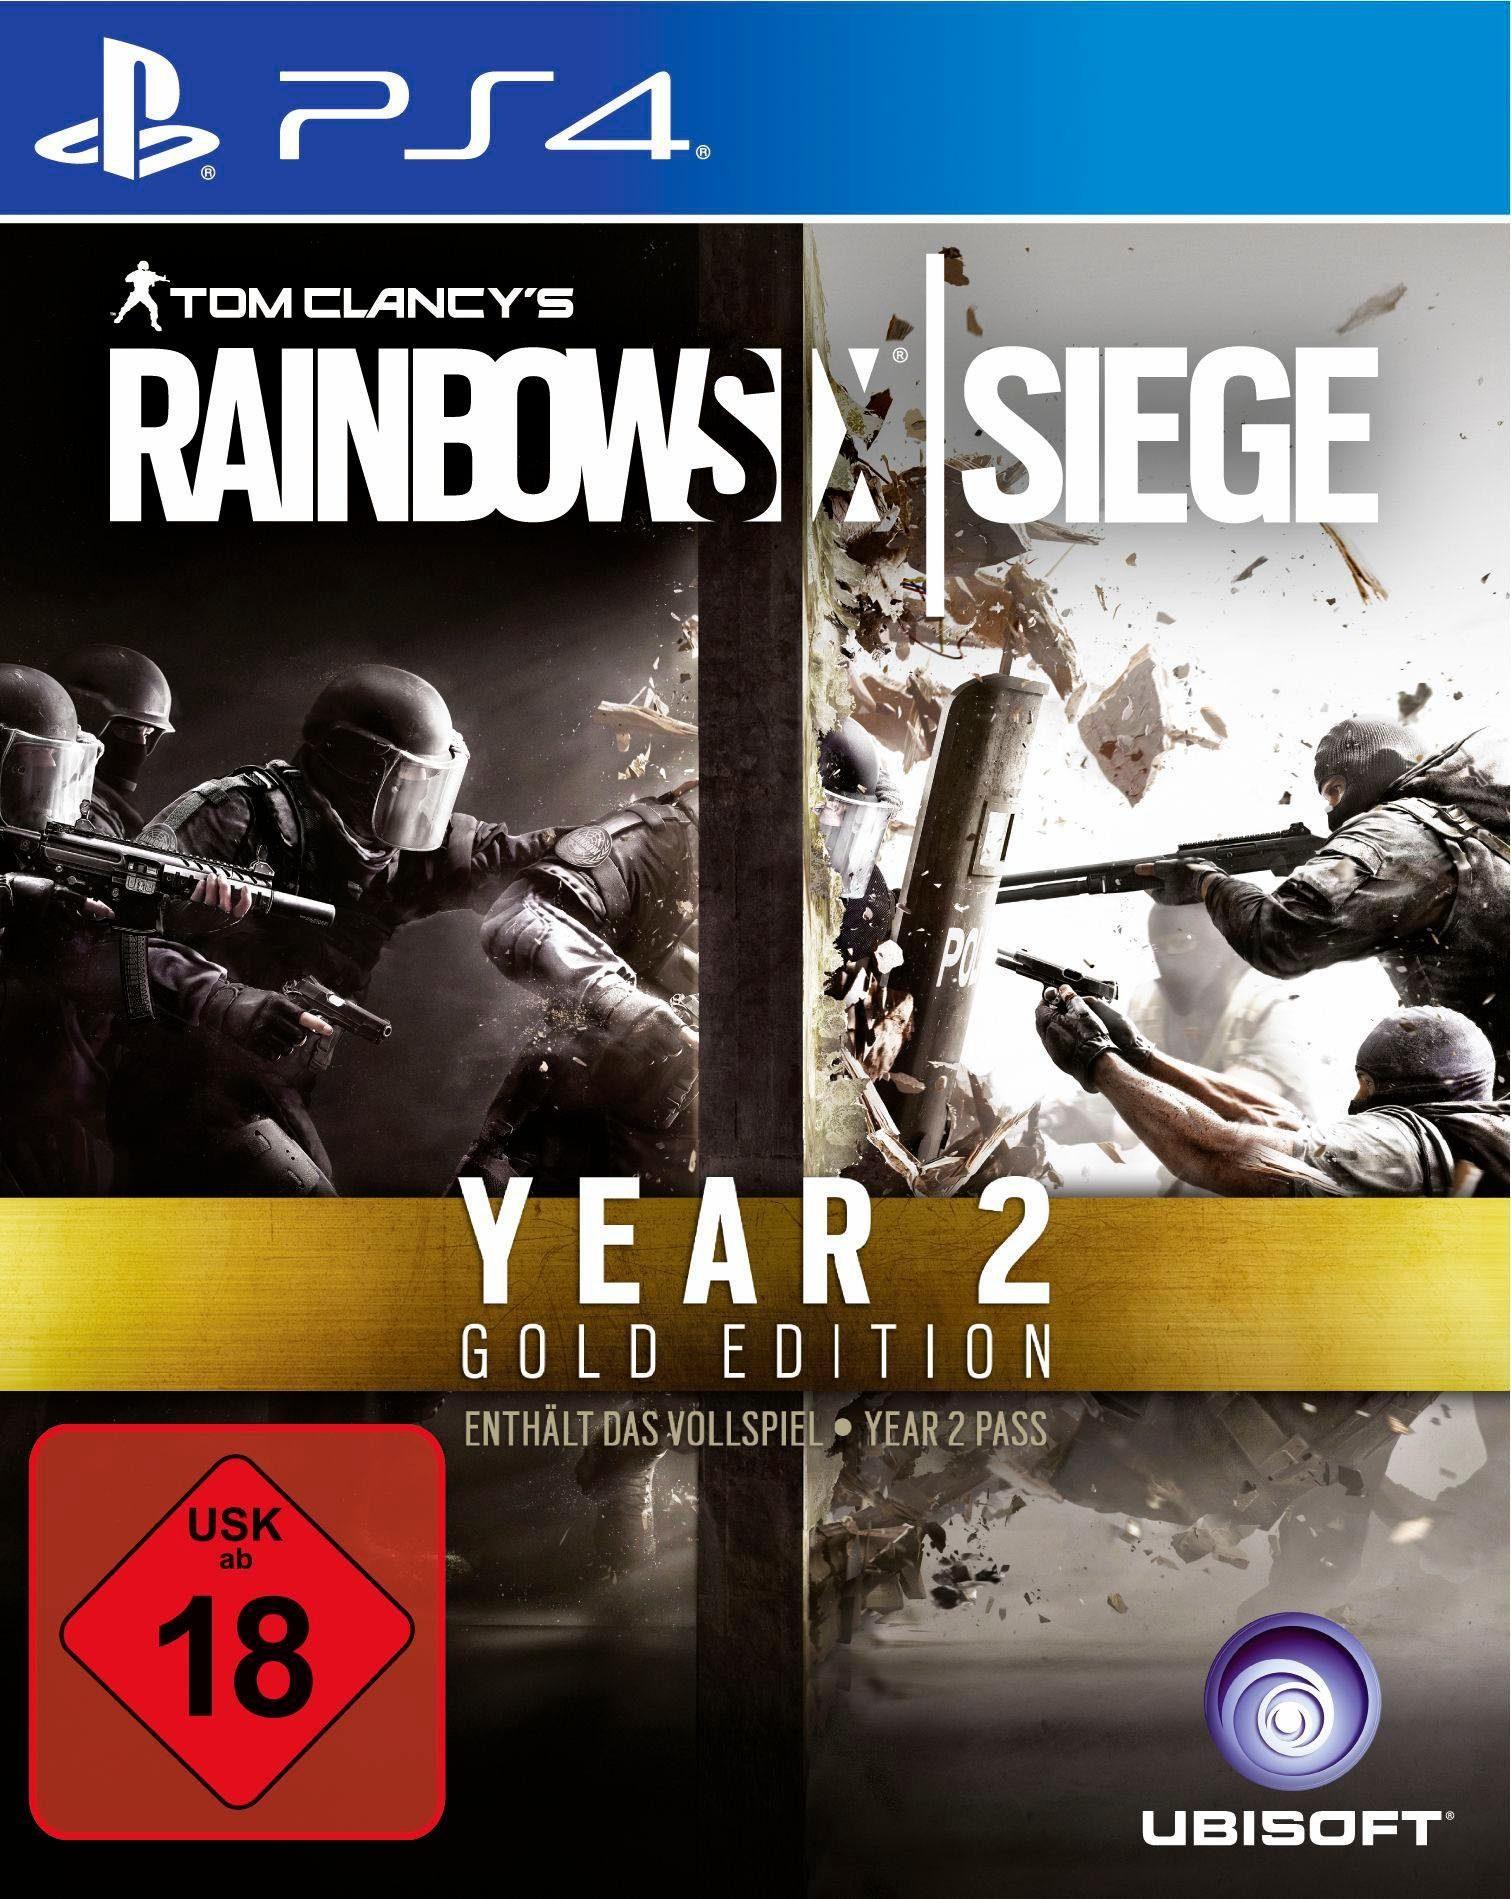 Tom Clancy`s Rainbow Six Siege Year 2 Gold Edition PlayStation 4